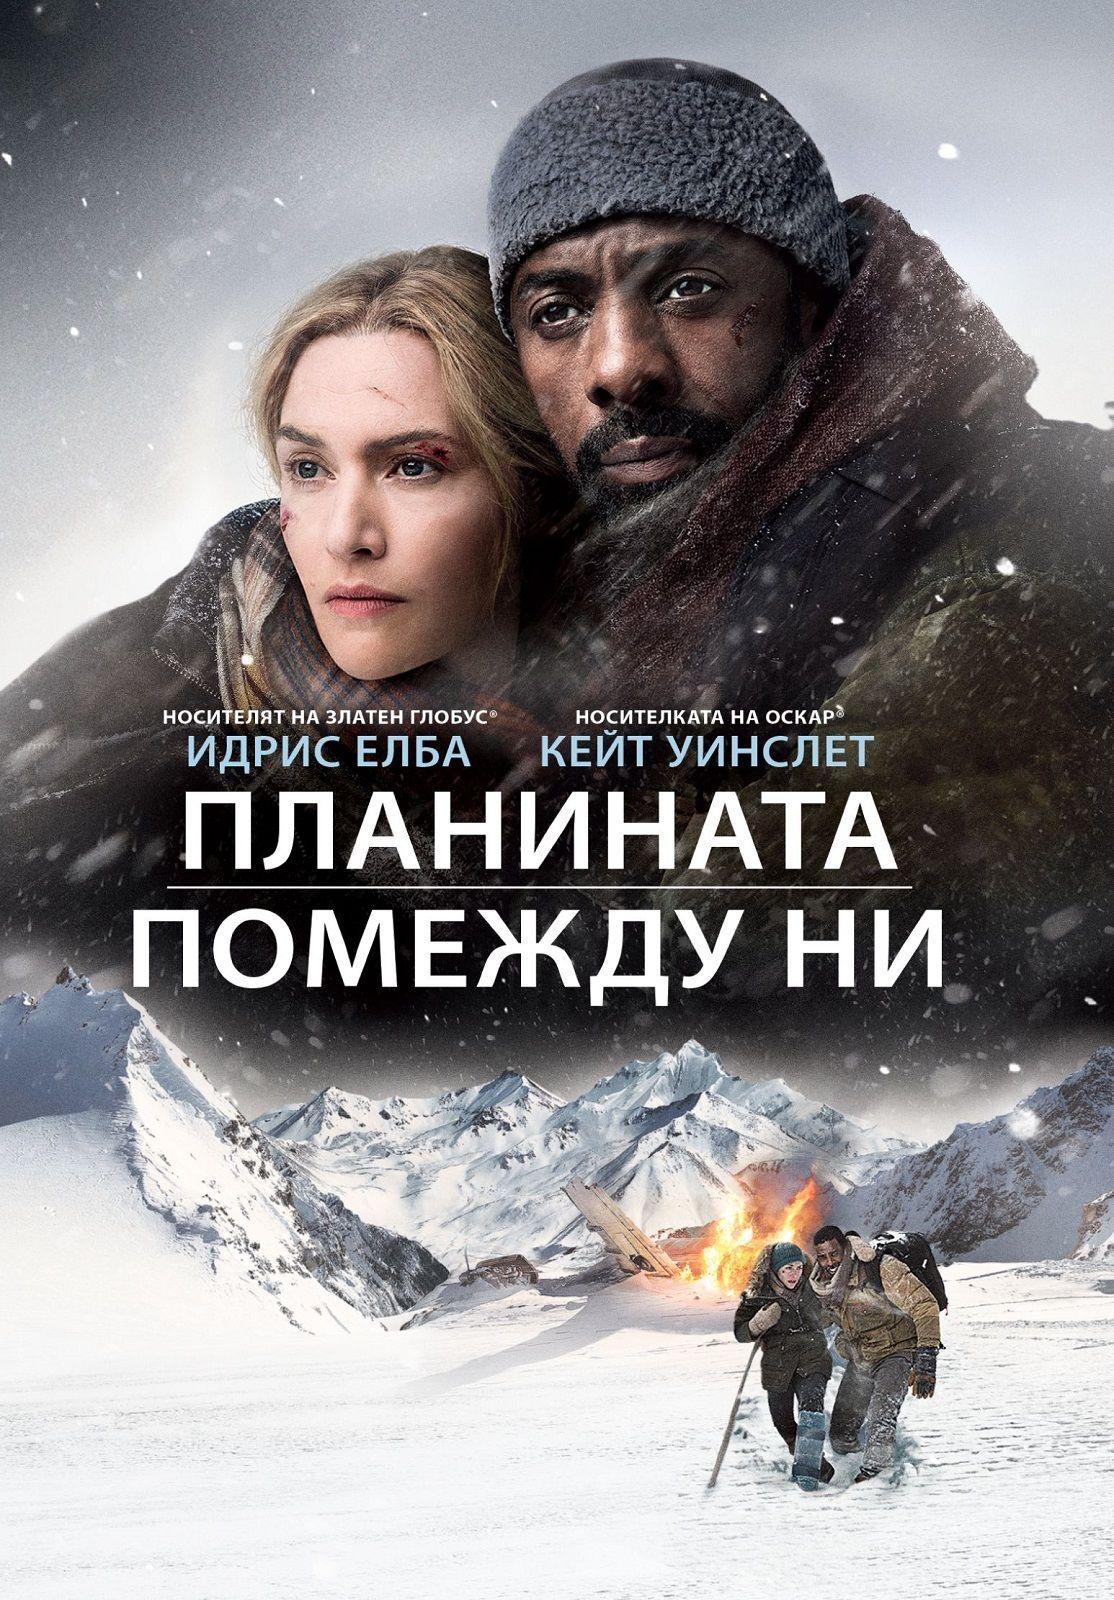 Планината помежду ни (DVD) - 1